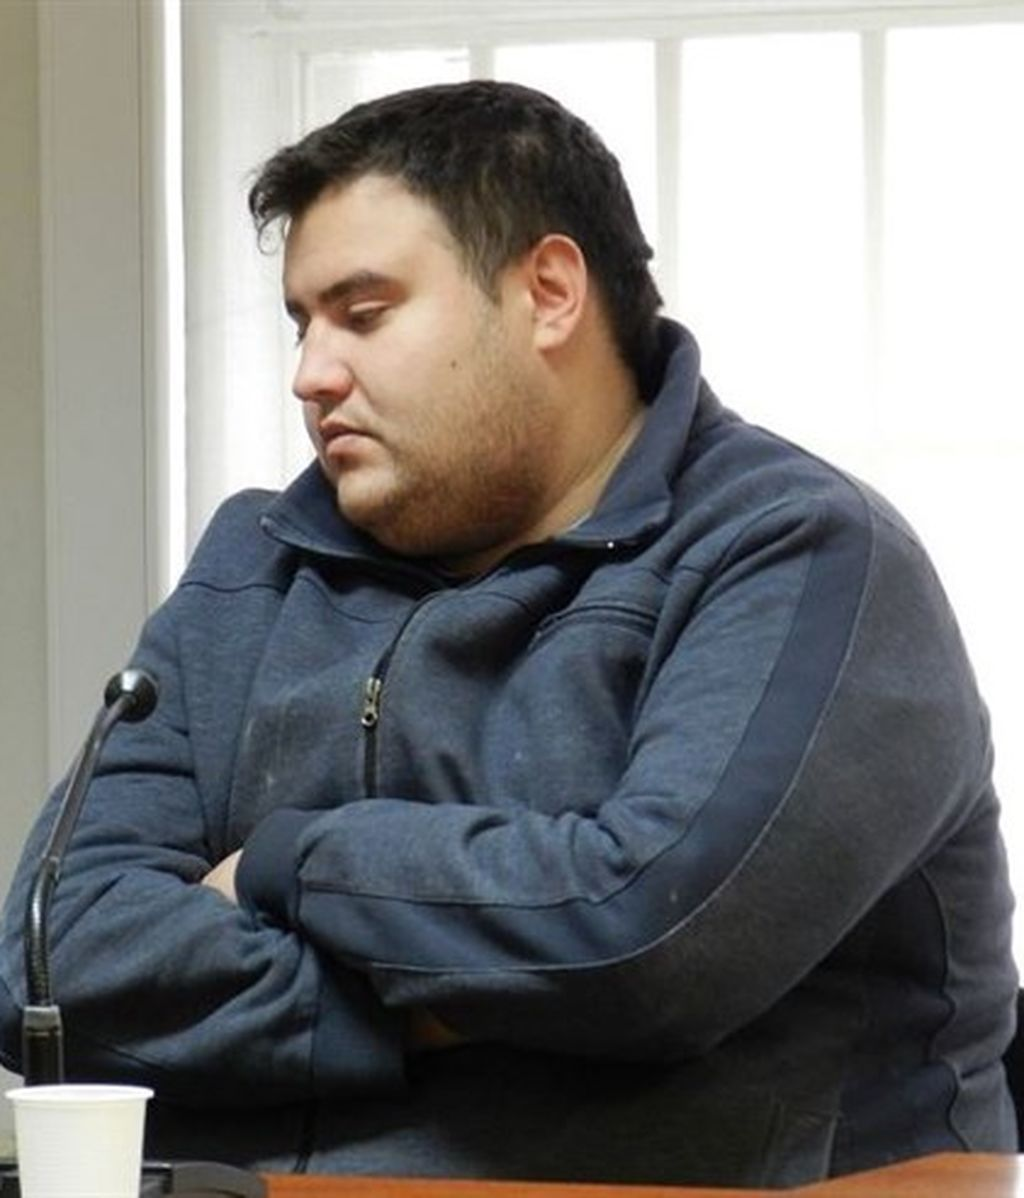 Autorizan a un preso argentino a salir de la cárcel una vez a la semana para adelgazar